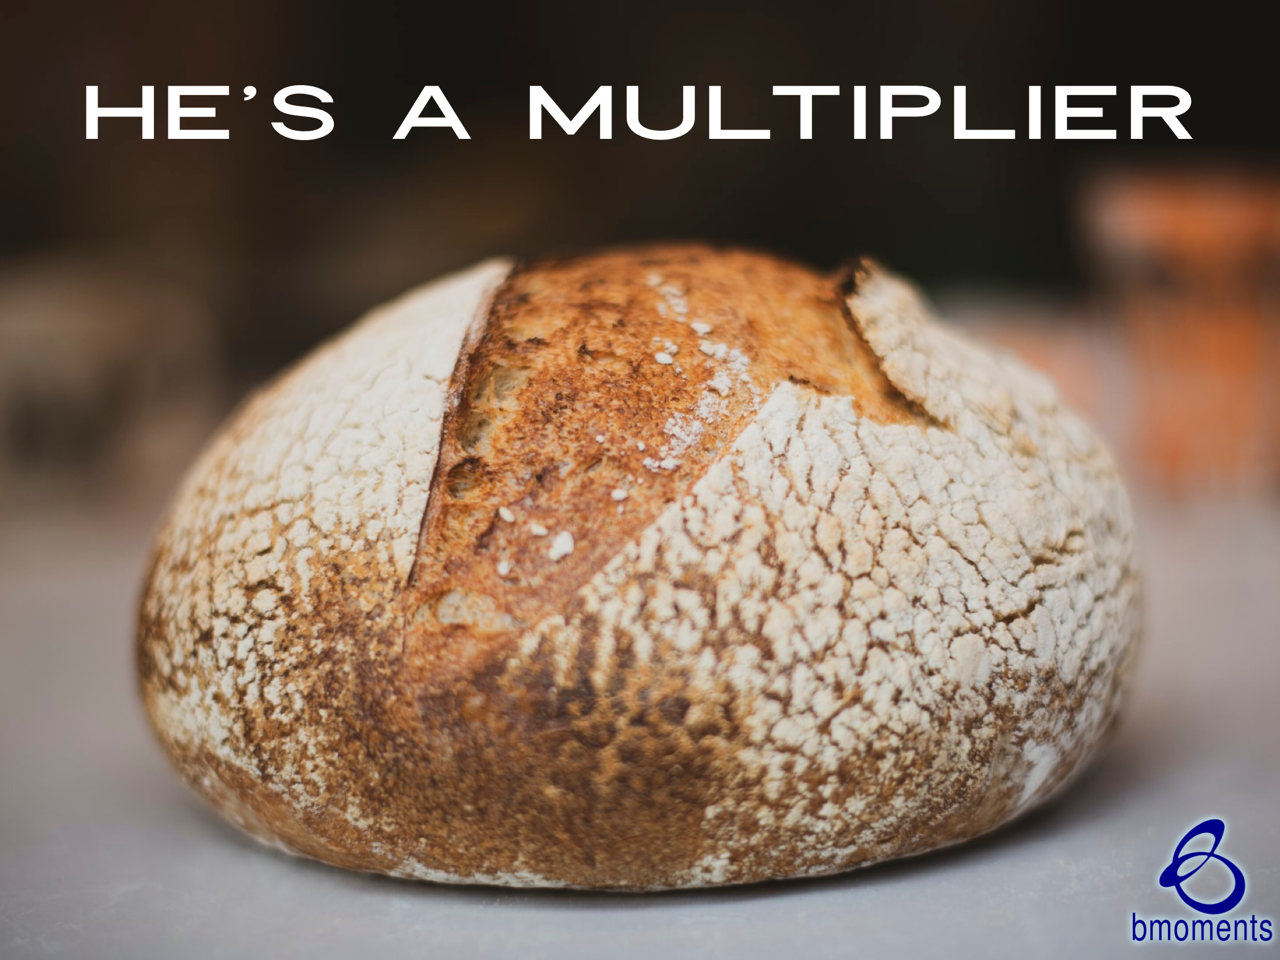 God Is a Multiplier